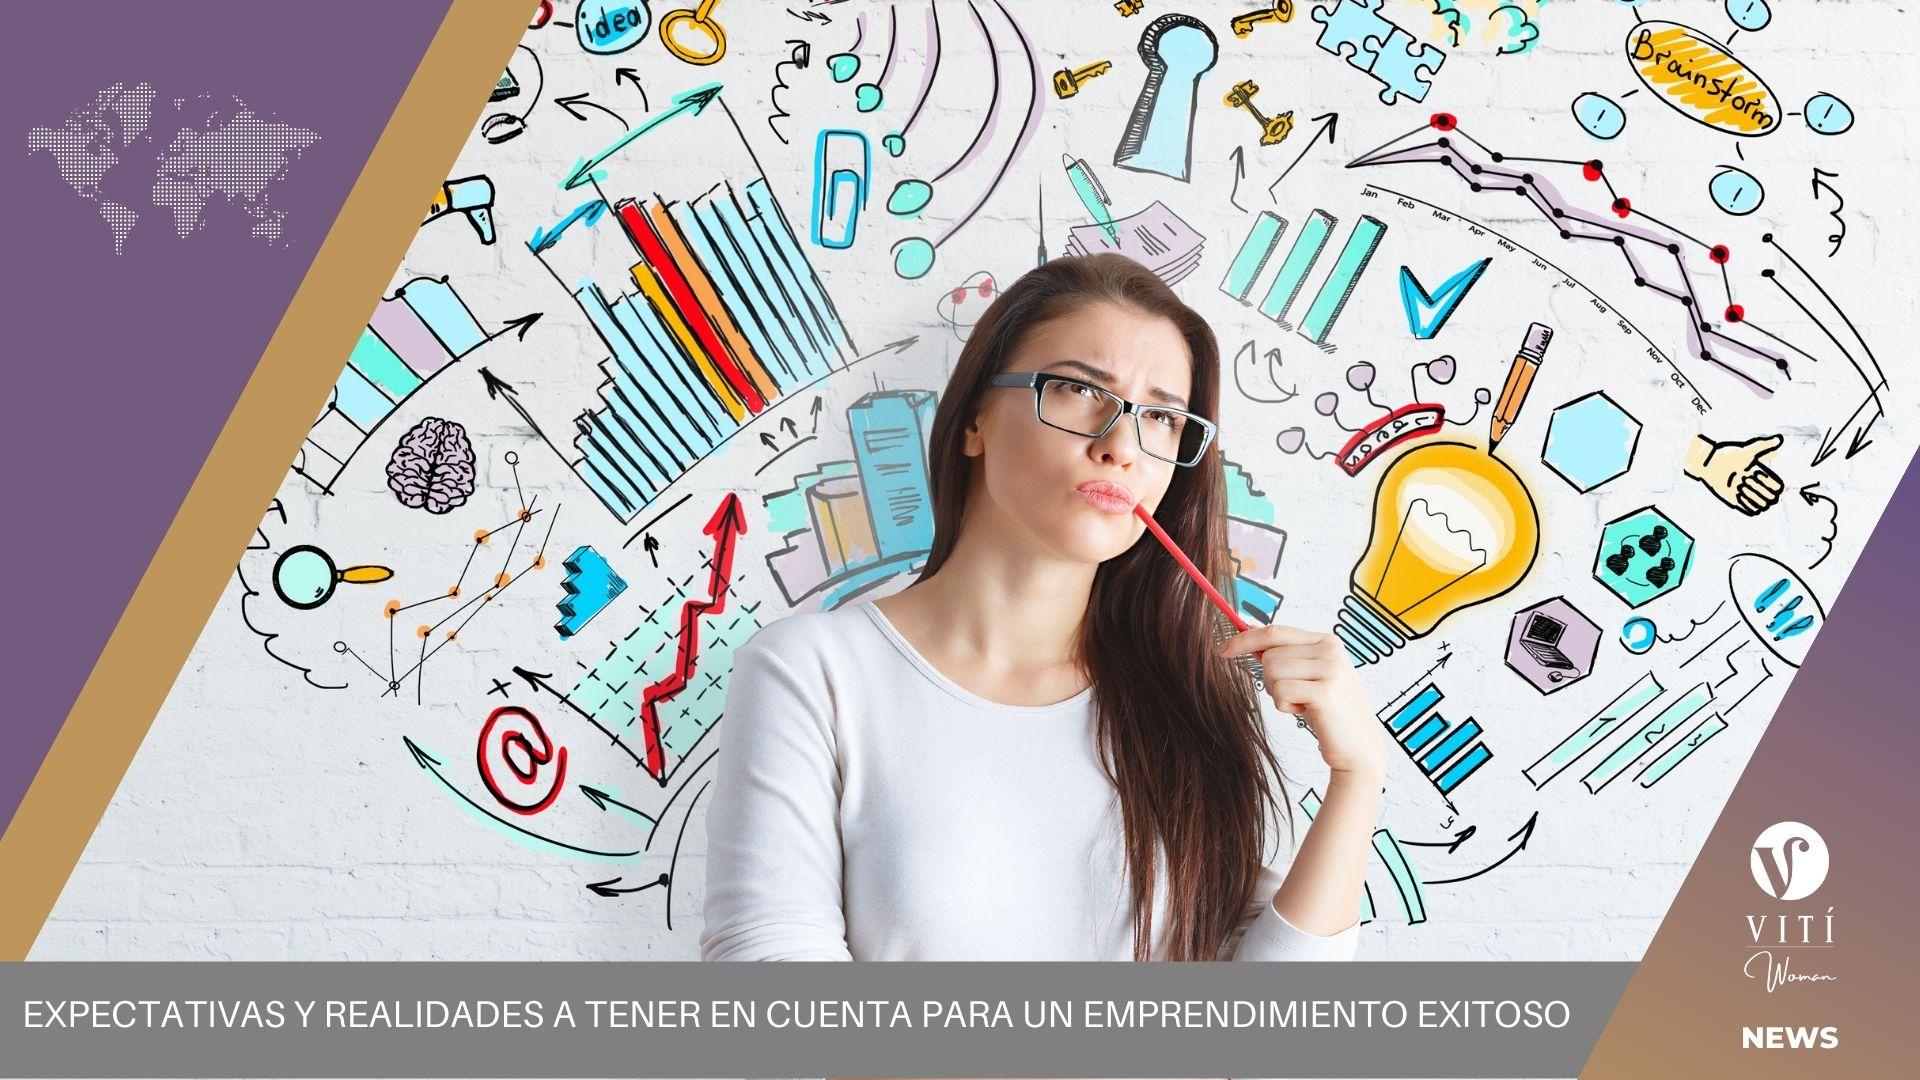 Blog-Expectativas-y-realidades-a-tener-en-cuenta-para-un-emprendimiento-exitoso